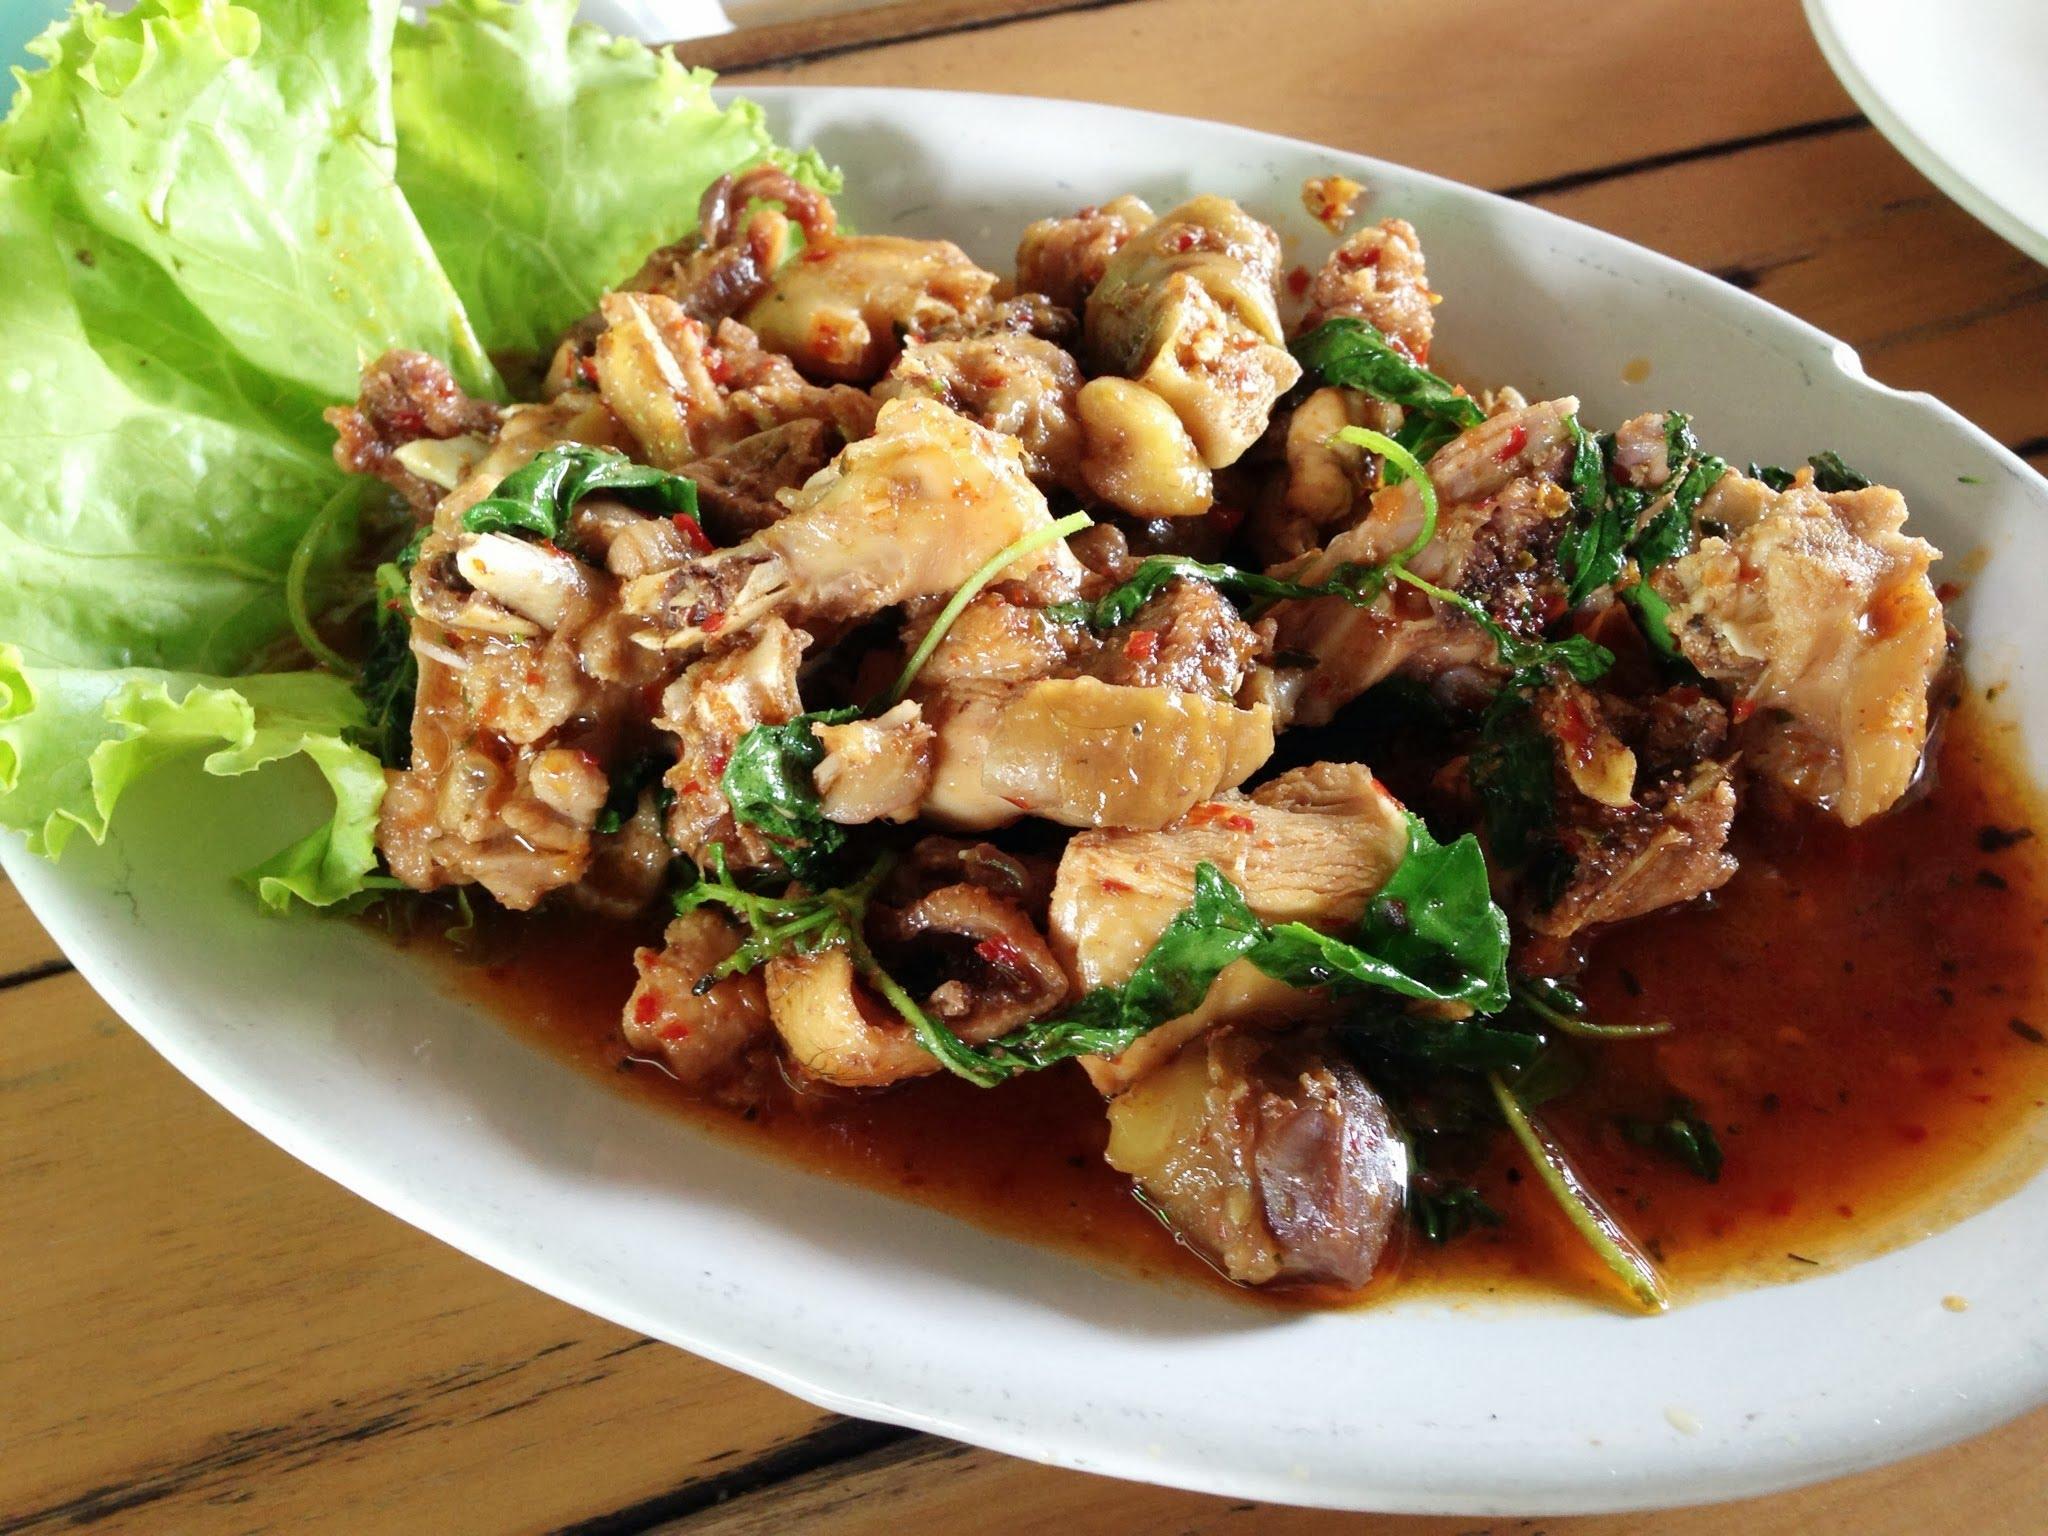 Thai_food_taste